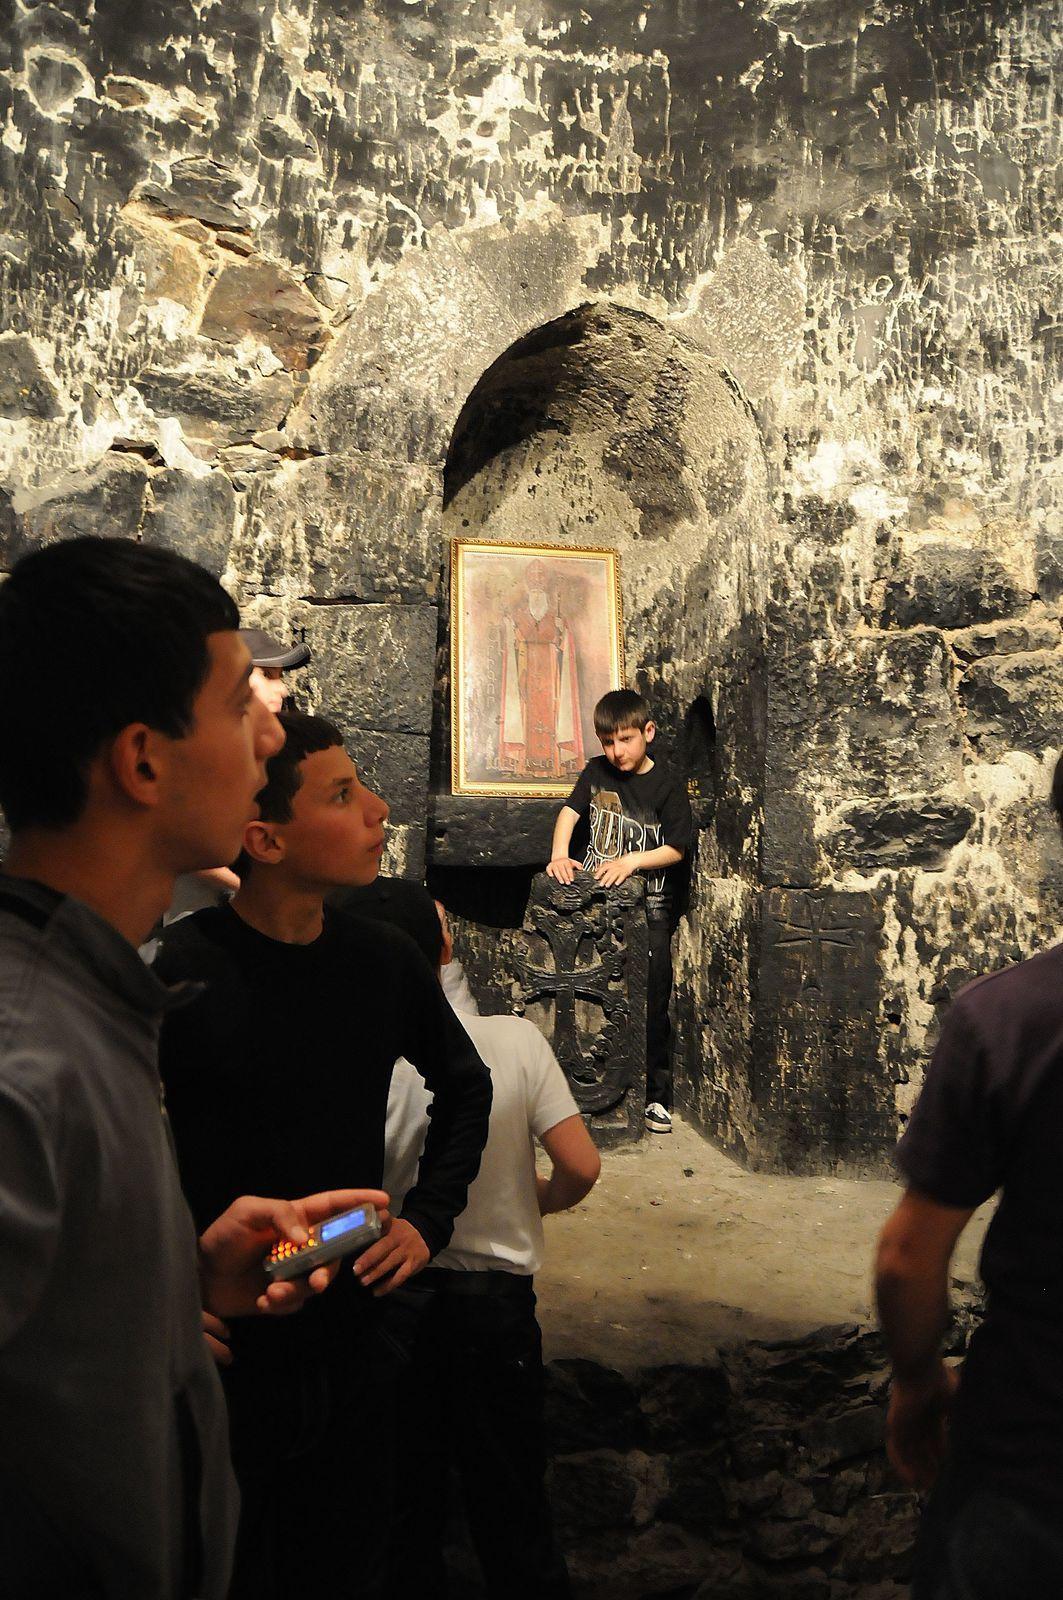 La surface de la fosse étant occupée par les nombreux visiteurs, il était difficile de trouver un angle idéal pour faire quelques photos convenables